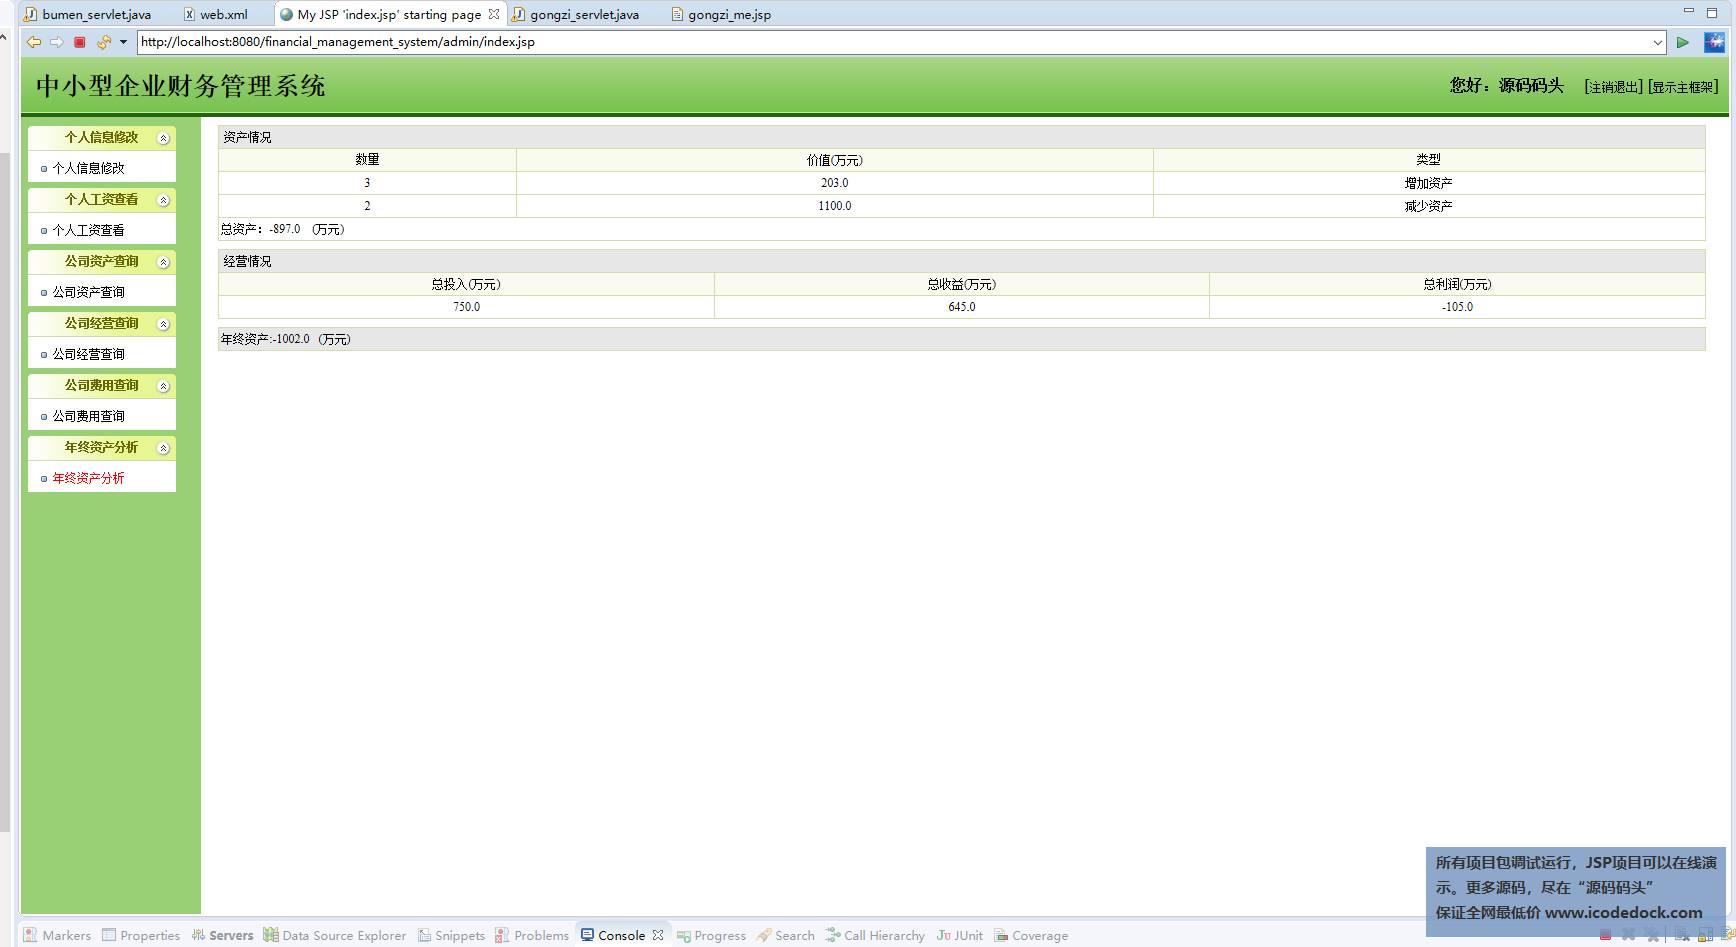 源码码头-JSP企业财务管理系统-员工角色-年终资产分析